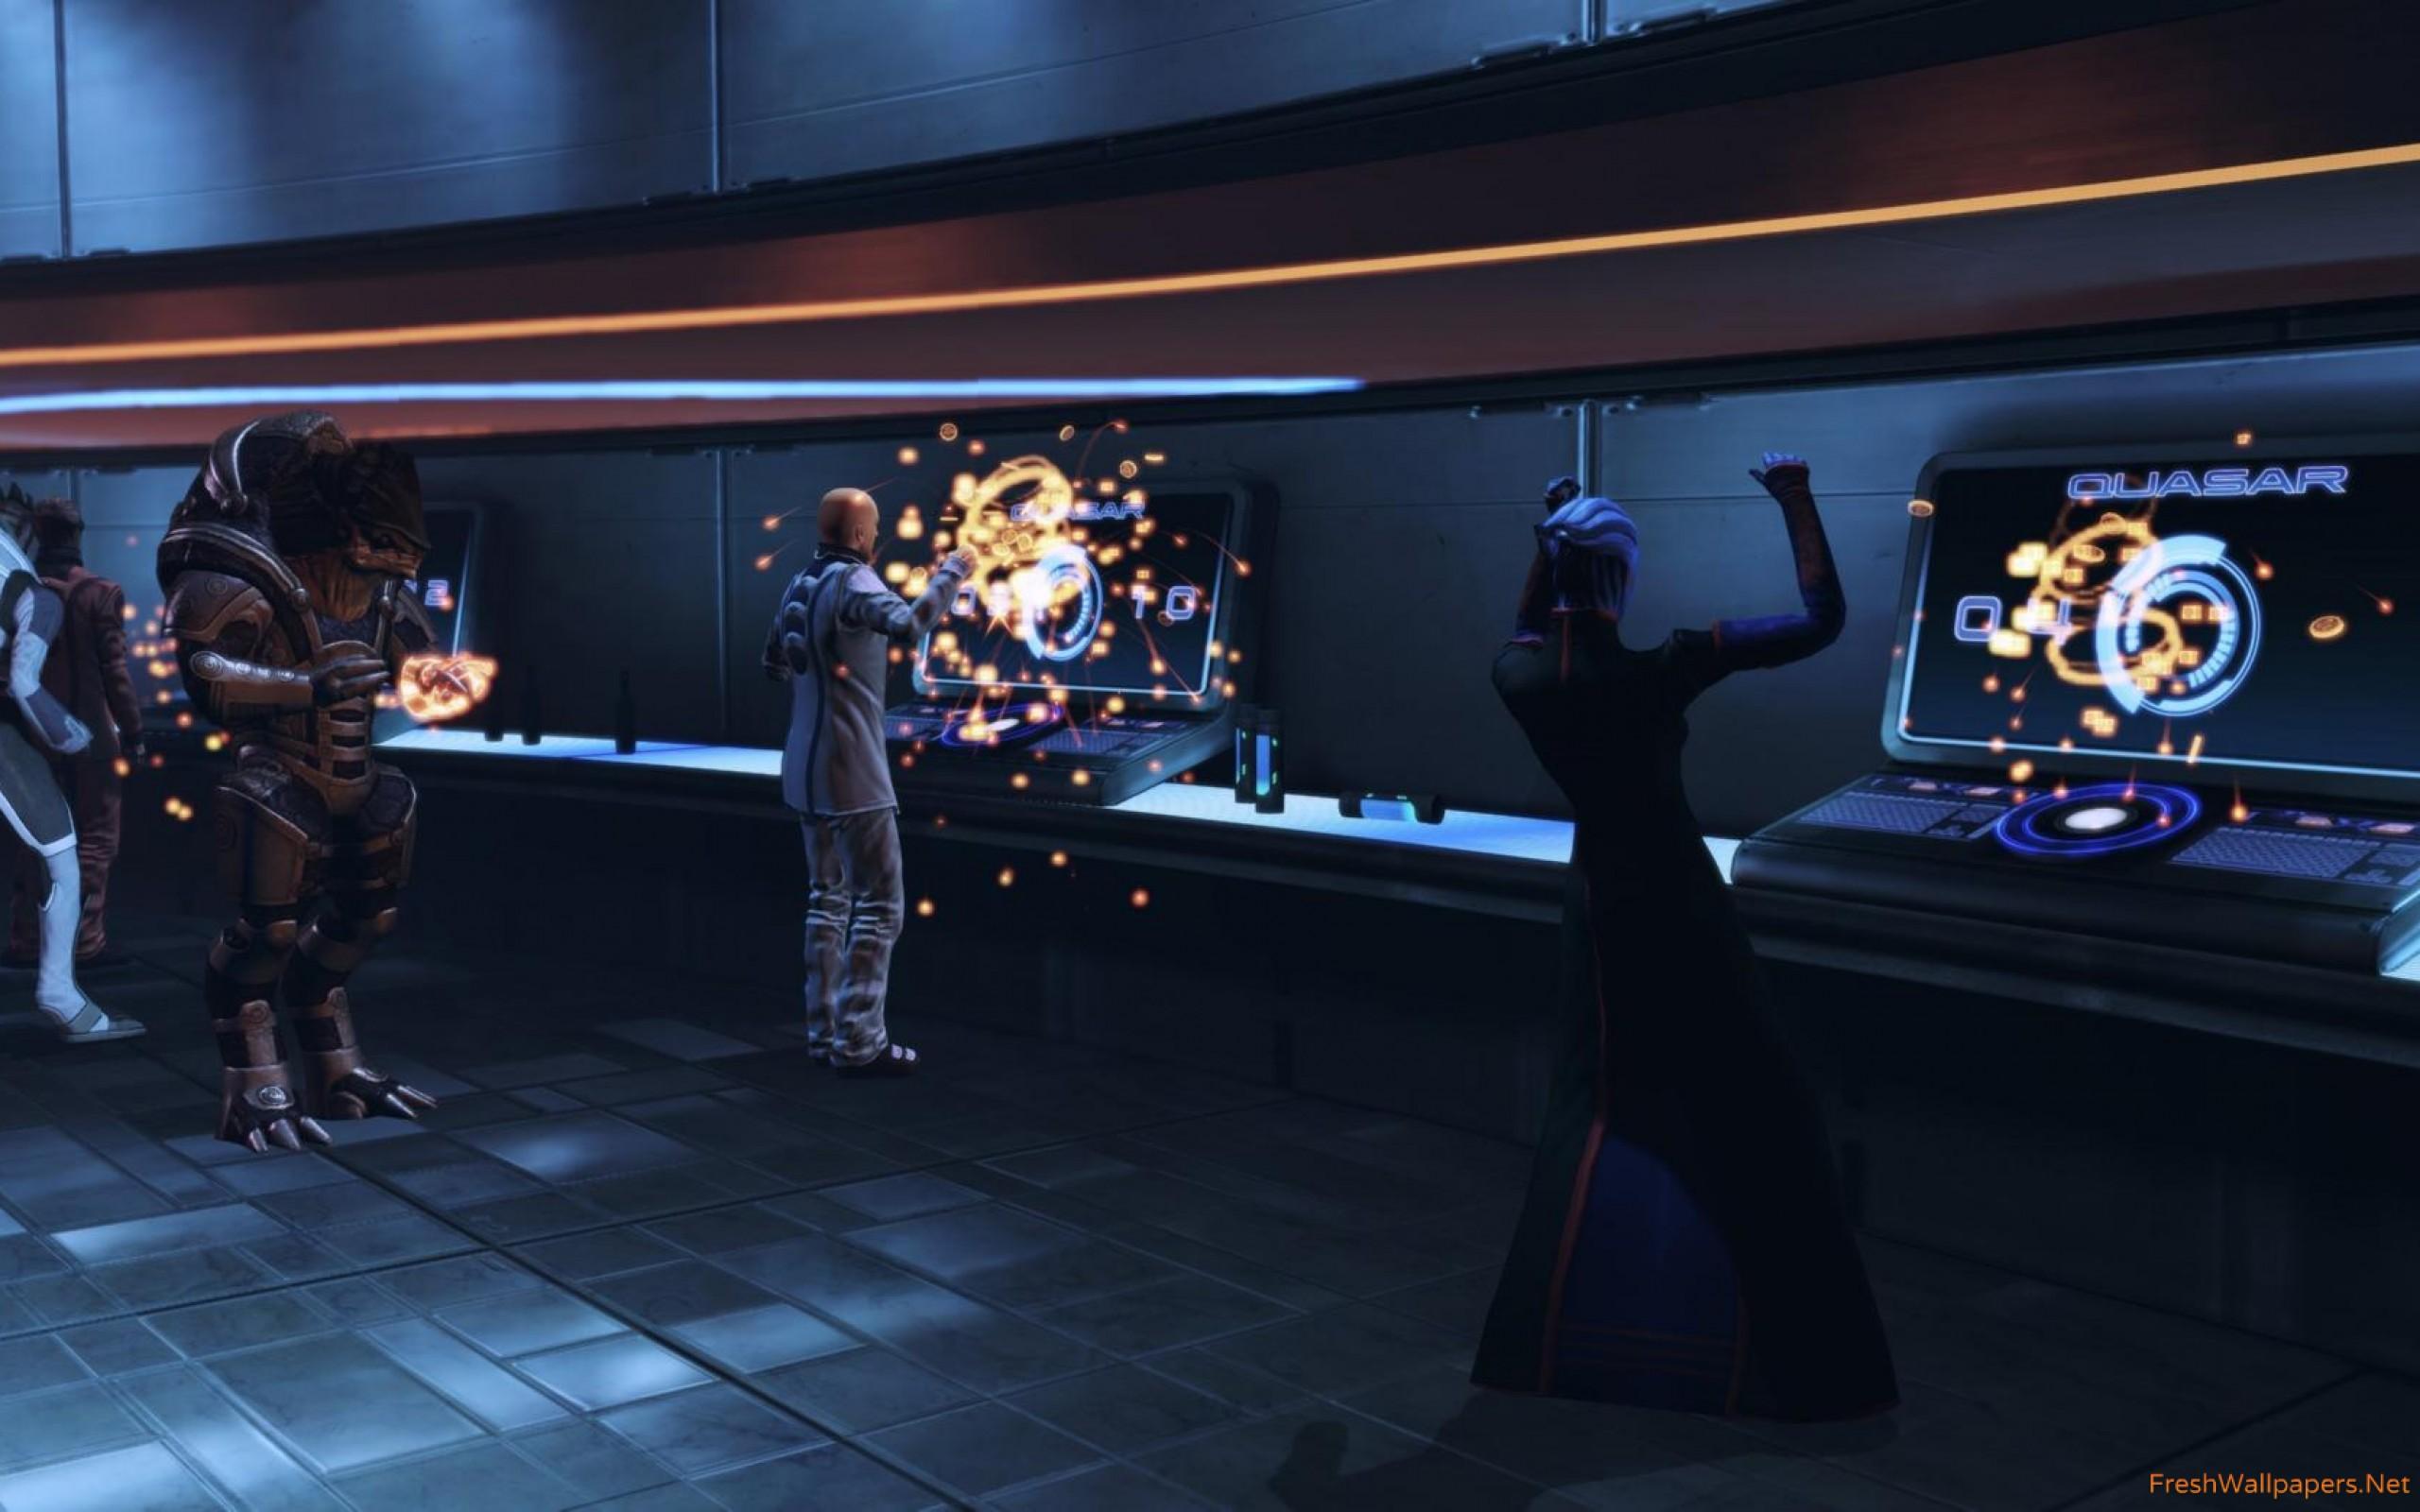 Mass Effect Wallpaper - Pc Game , HD Wallpaper & Backgrounds